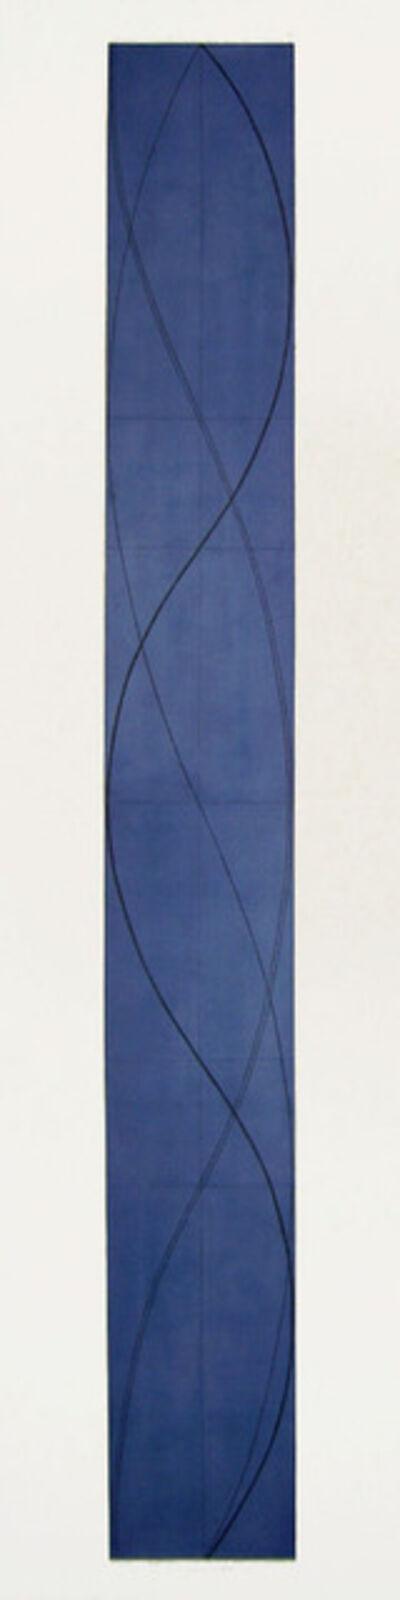 Robert Mangold (b.1937), 'Tall Column A', 2005